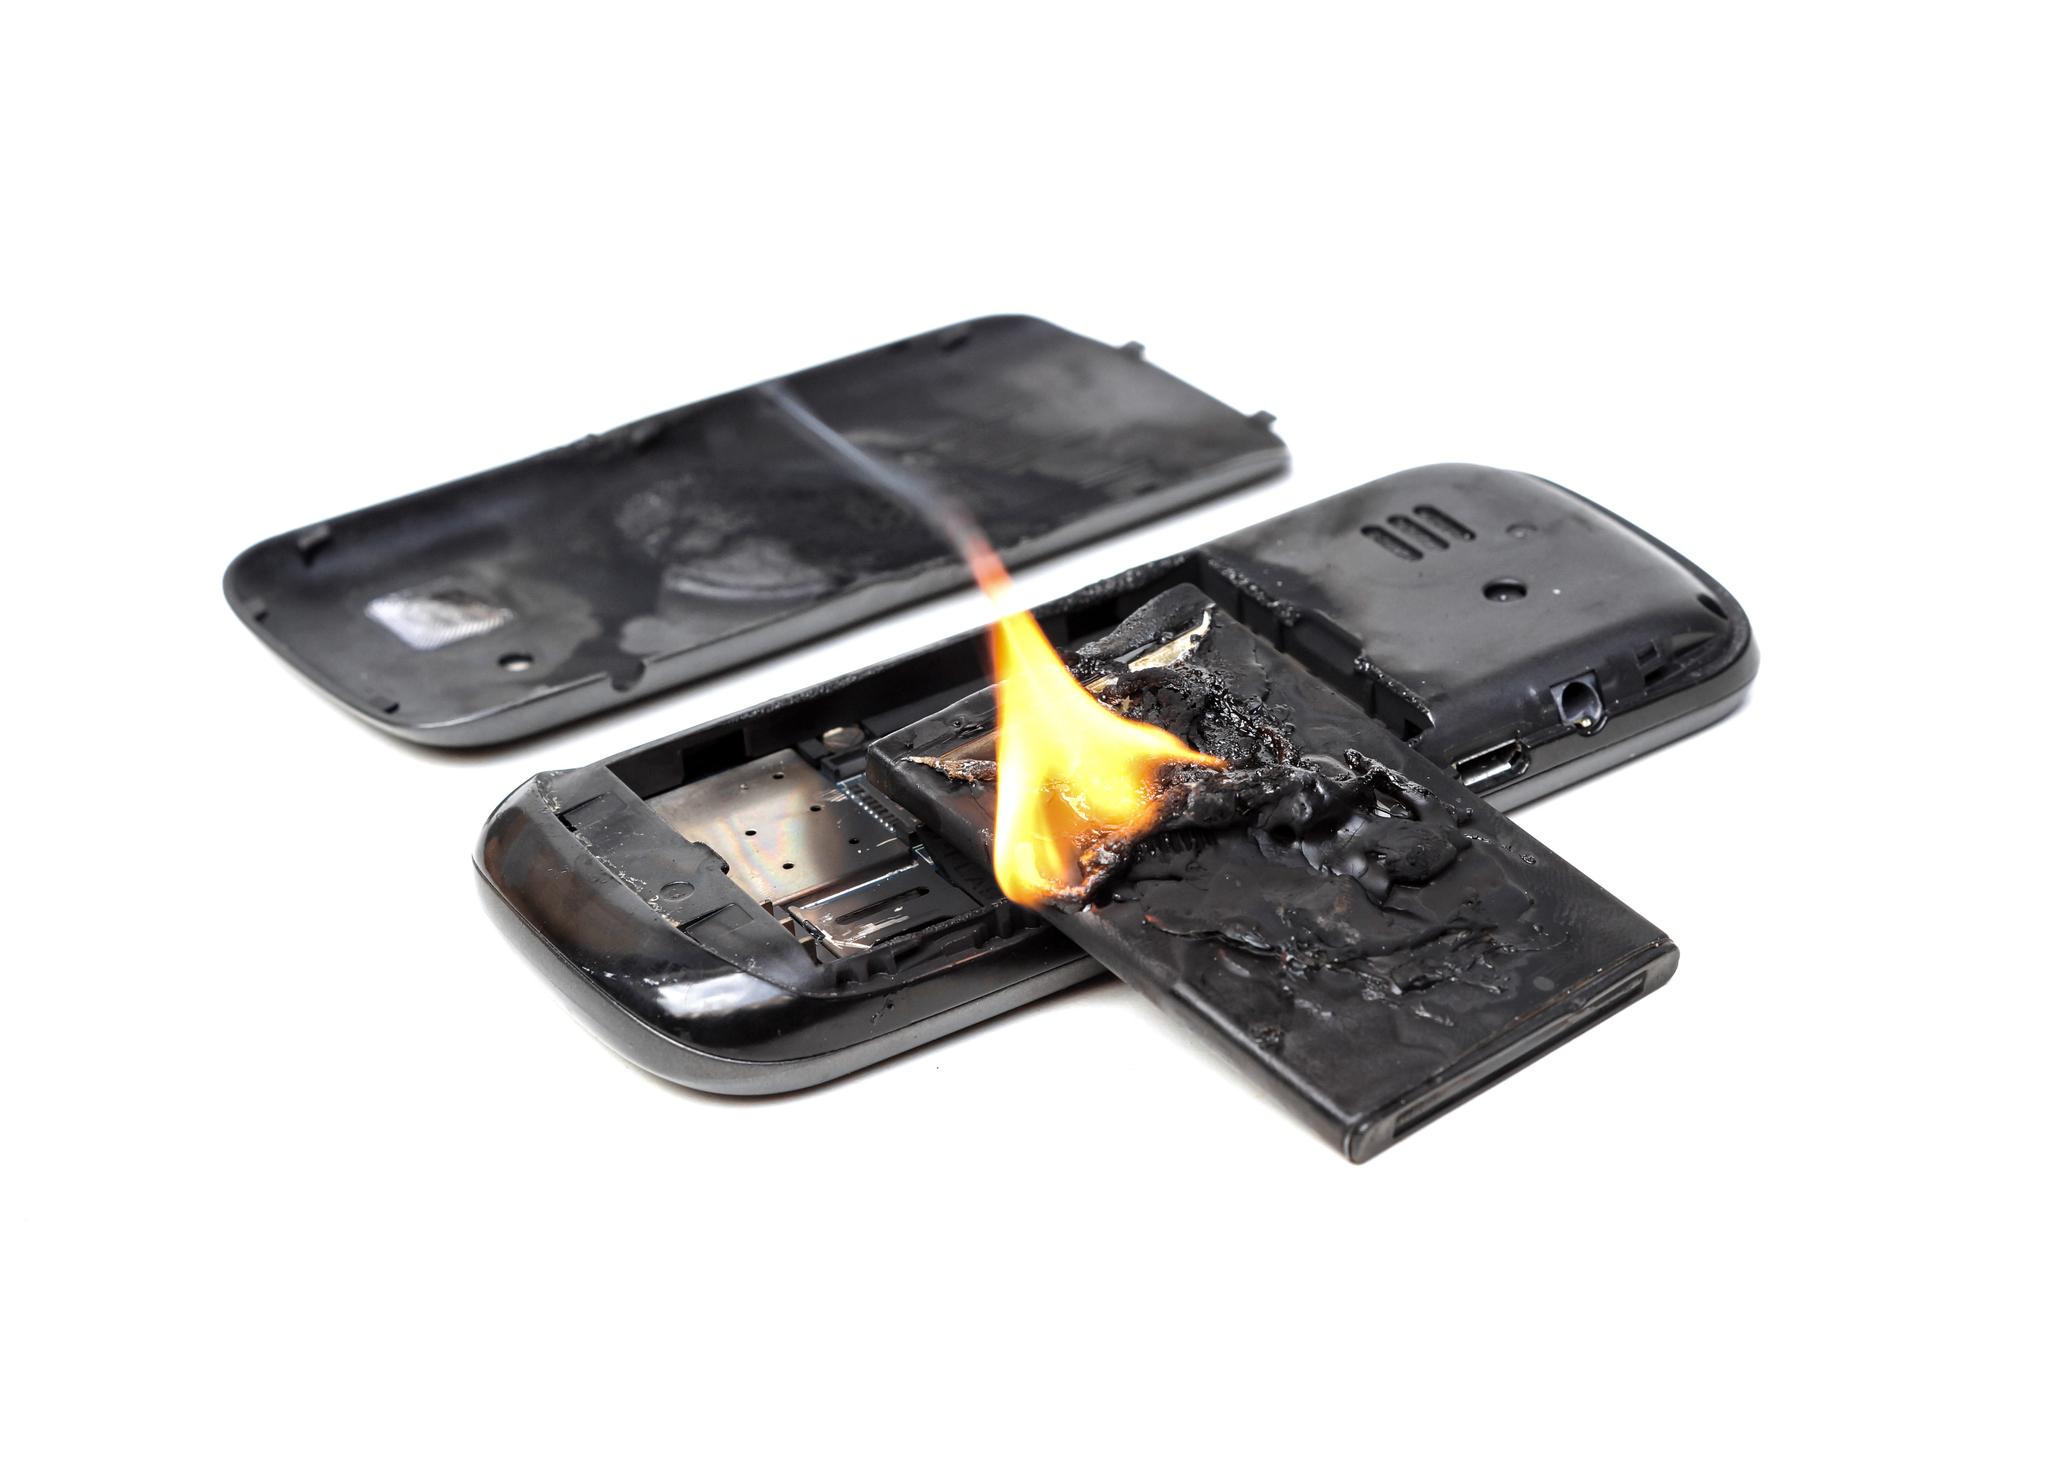 Cellphone battery on fire